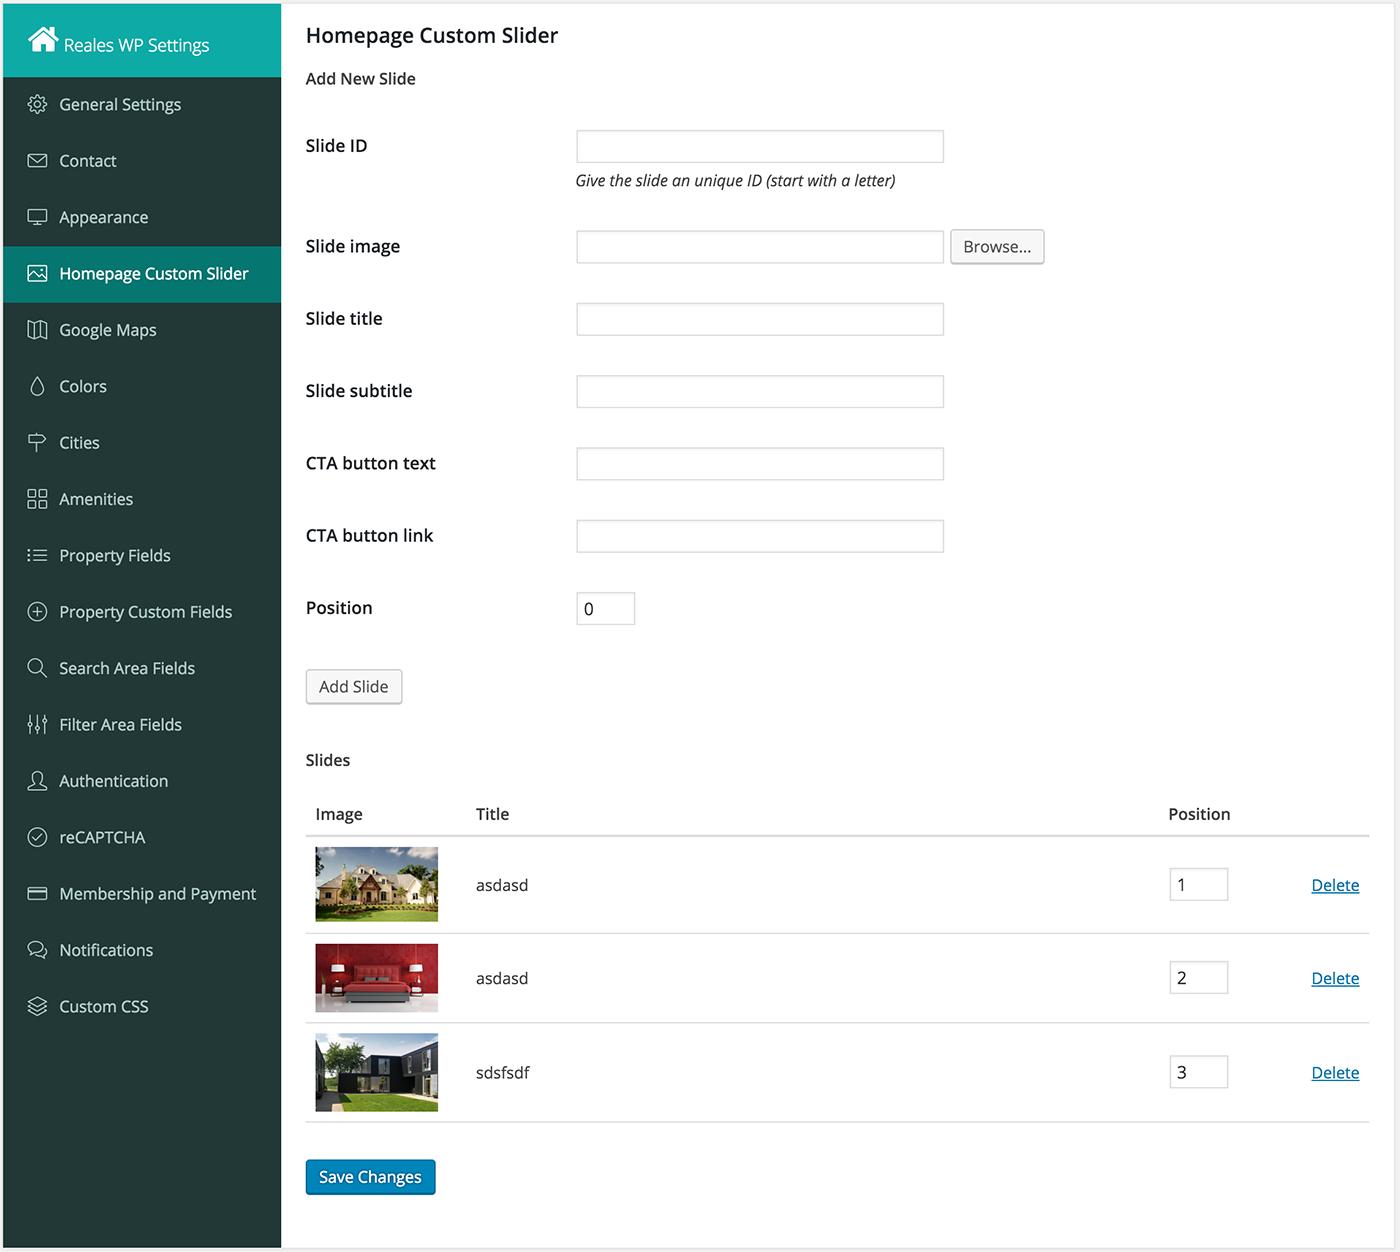 Google homepage themes gallery - Homepage Custom Slider Settings